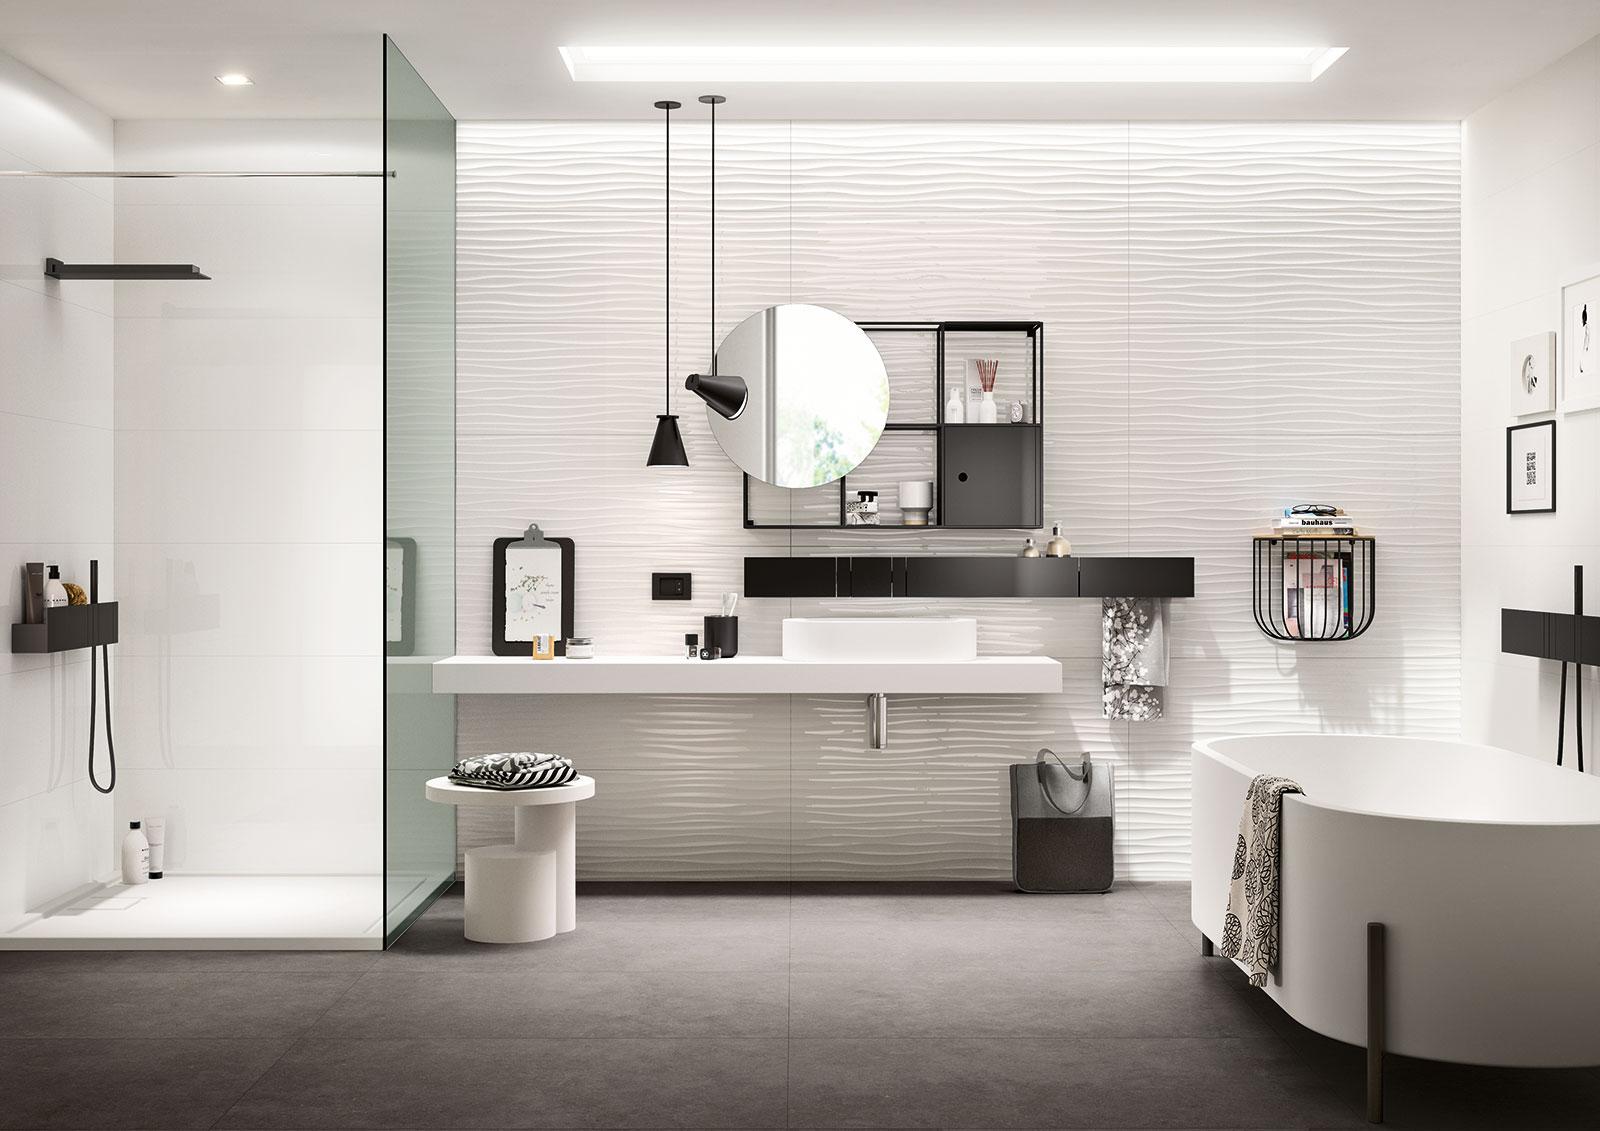 Essenziale ceramica bianca per bagni marazzi - Rivestimenti bagno marazzi ...